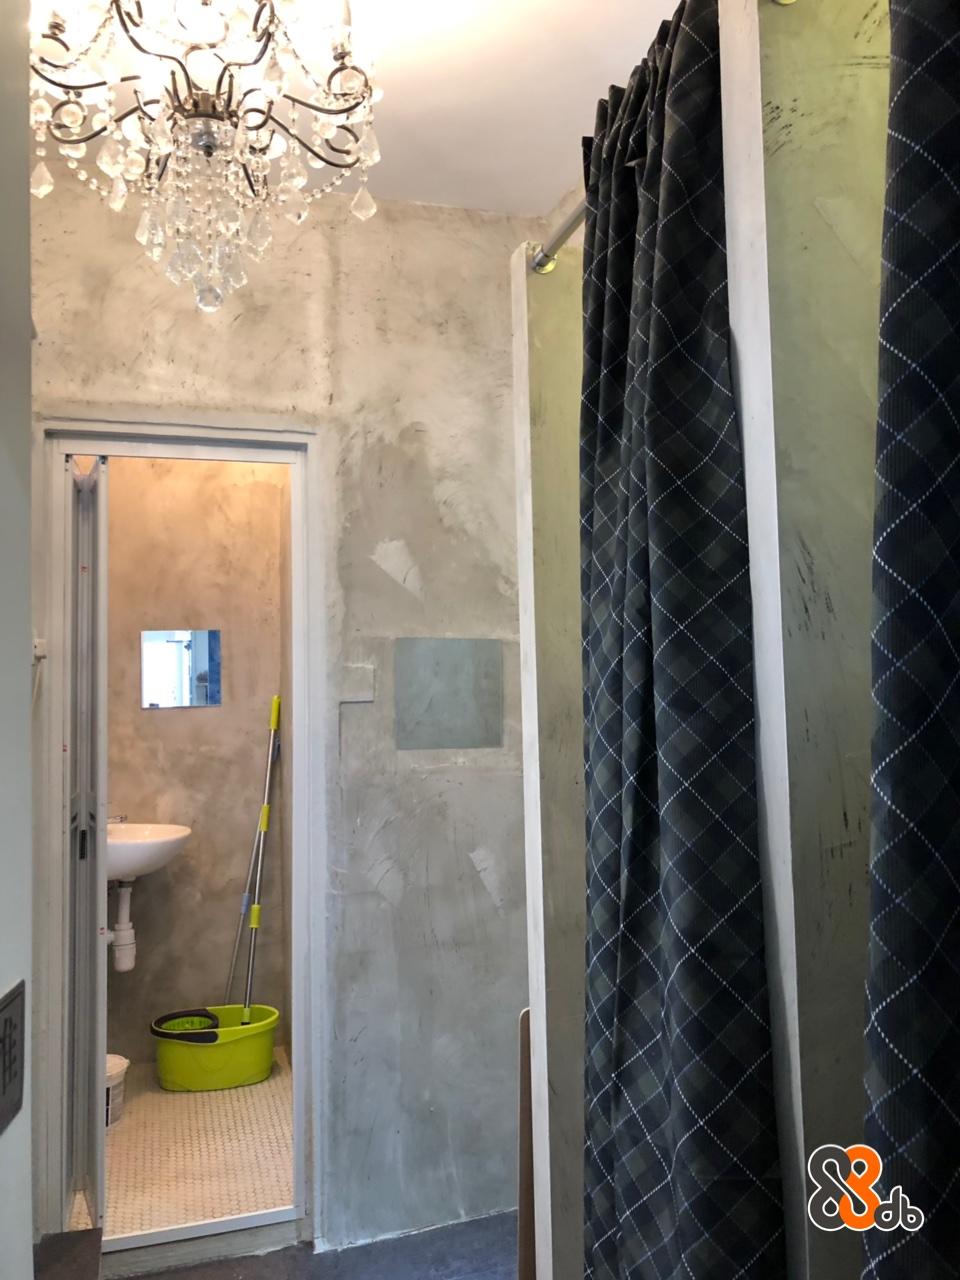 Room,Interior design,